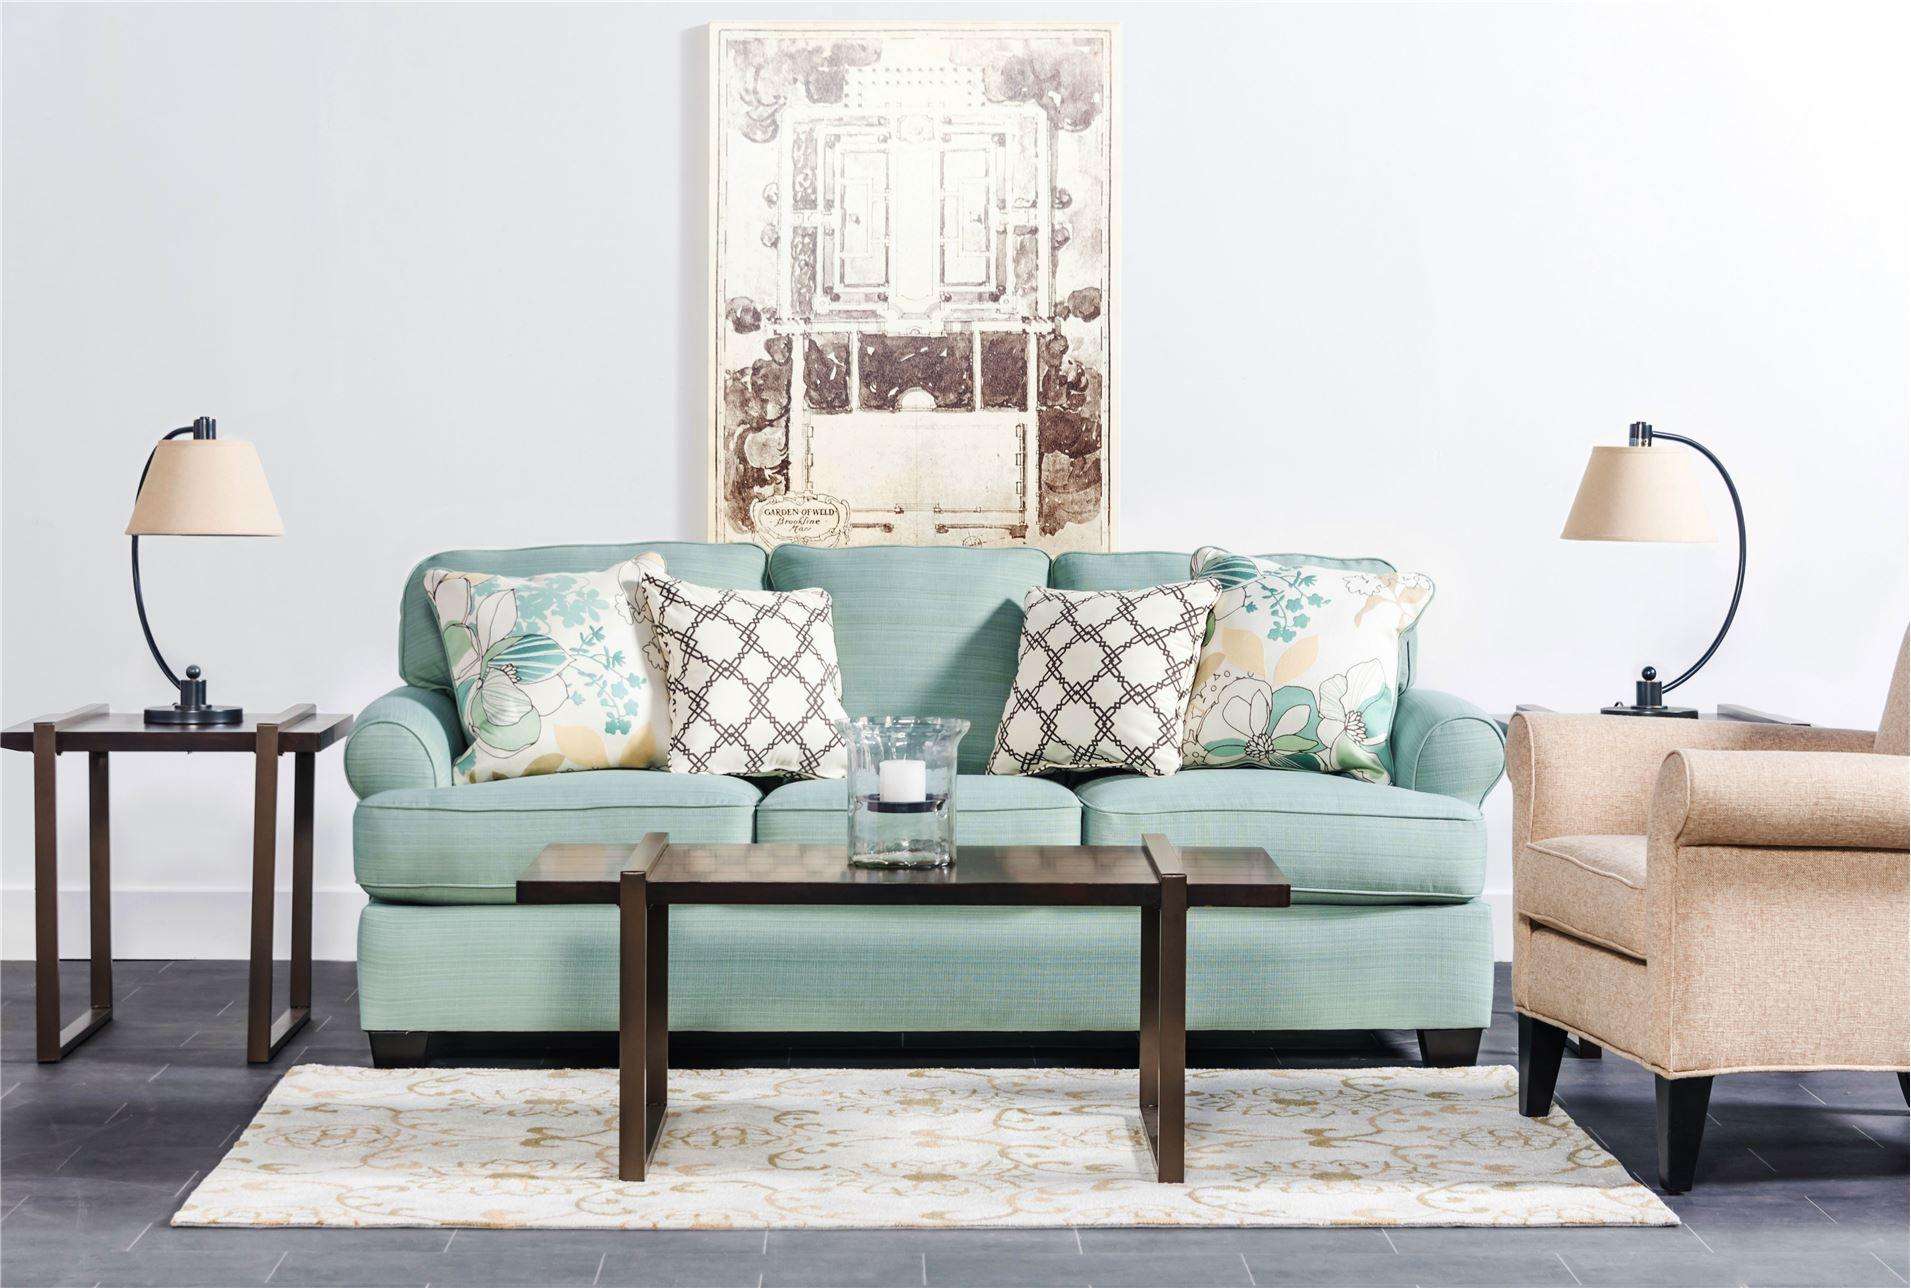 Daystar Seafoam Sofa 450 Living Spaces Or Ashley